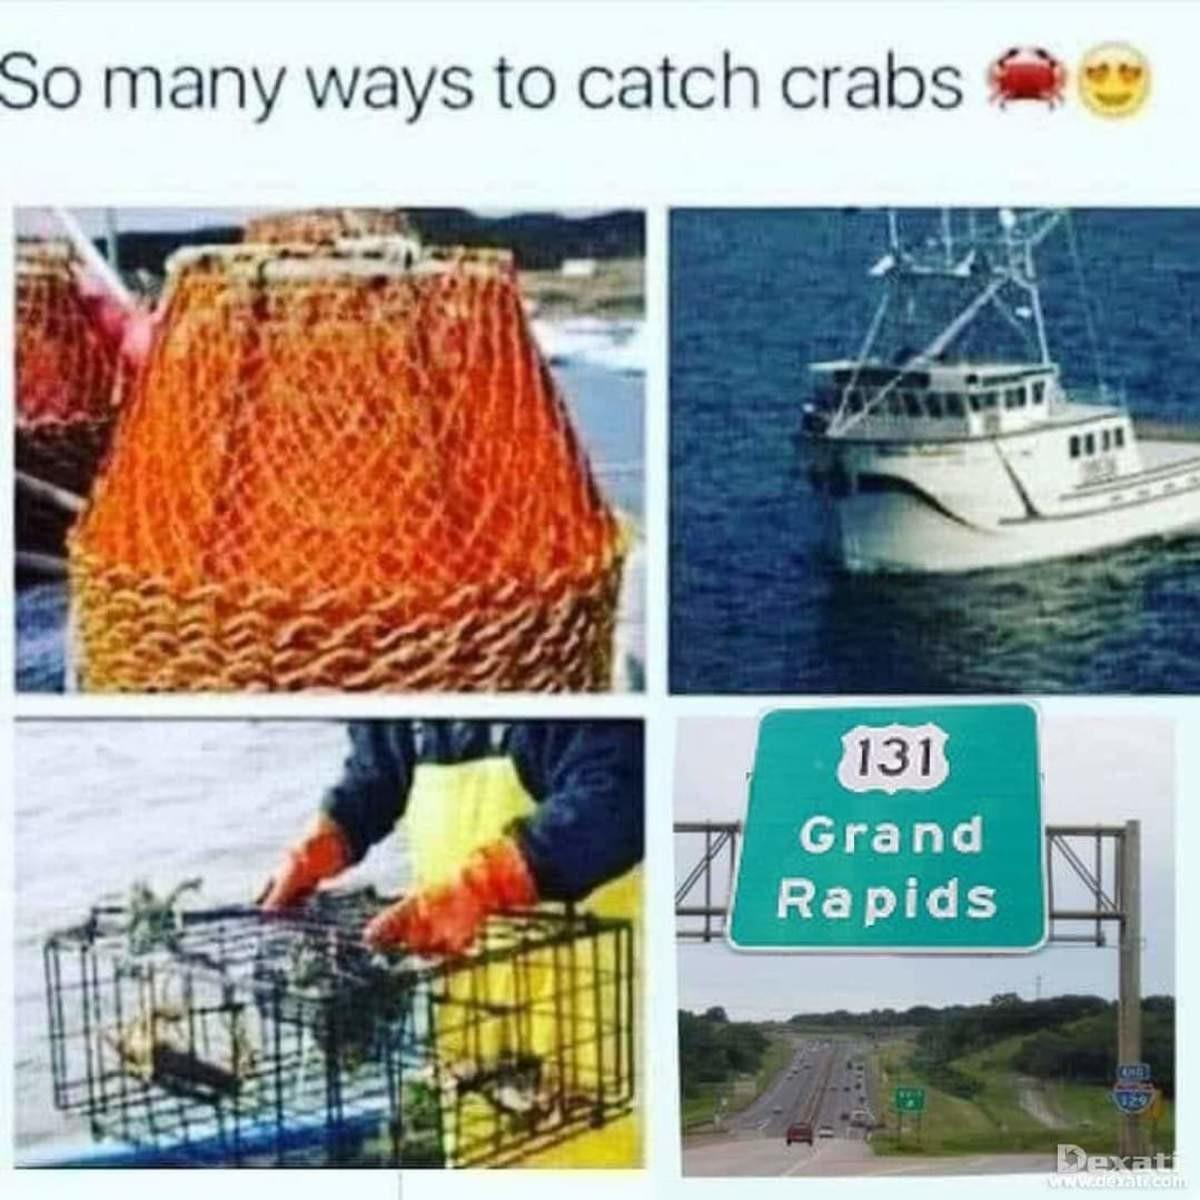 paltry mean standing Elk. .. Crabs? Grand Rapids?